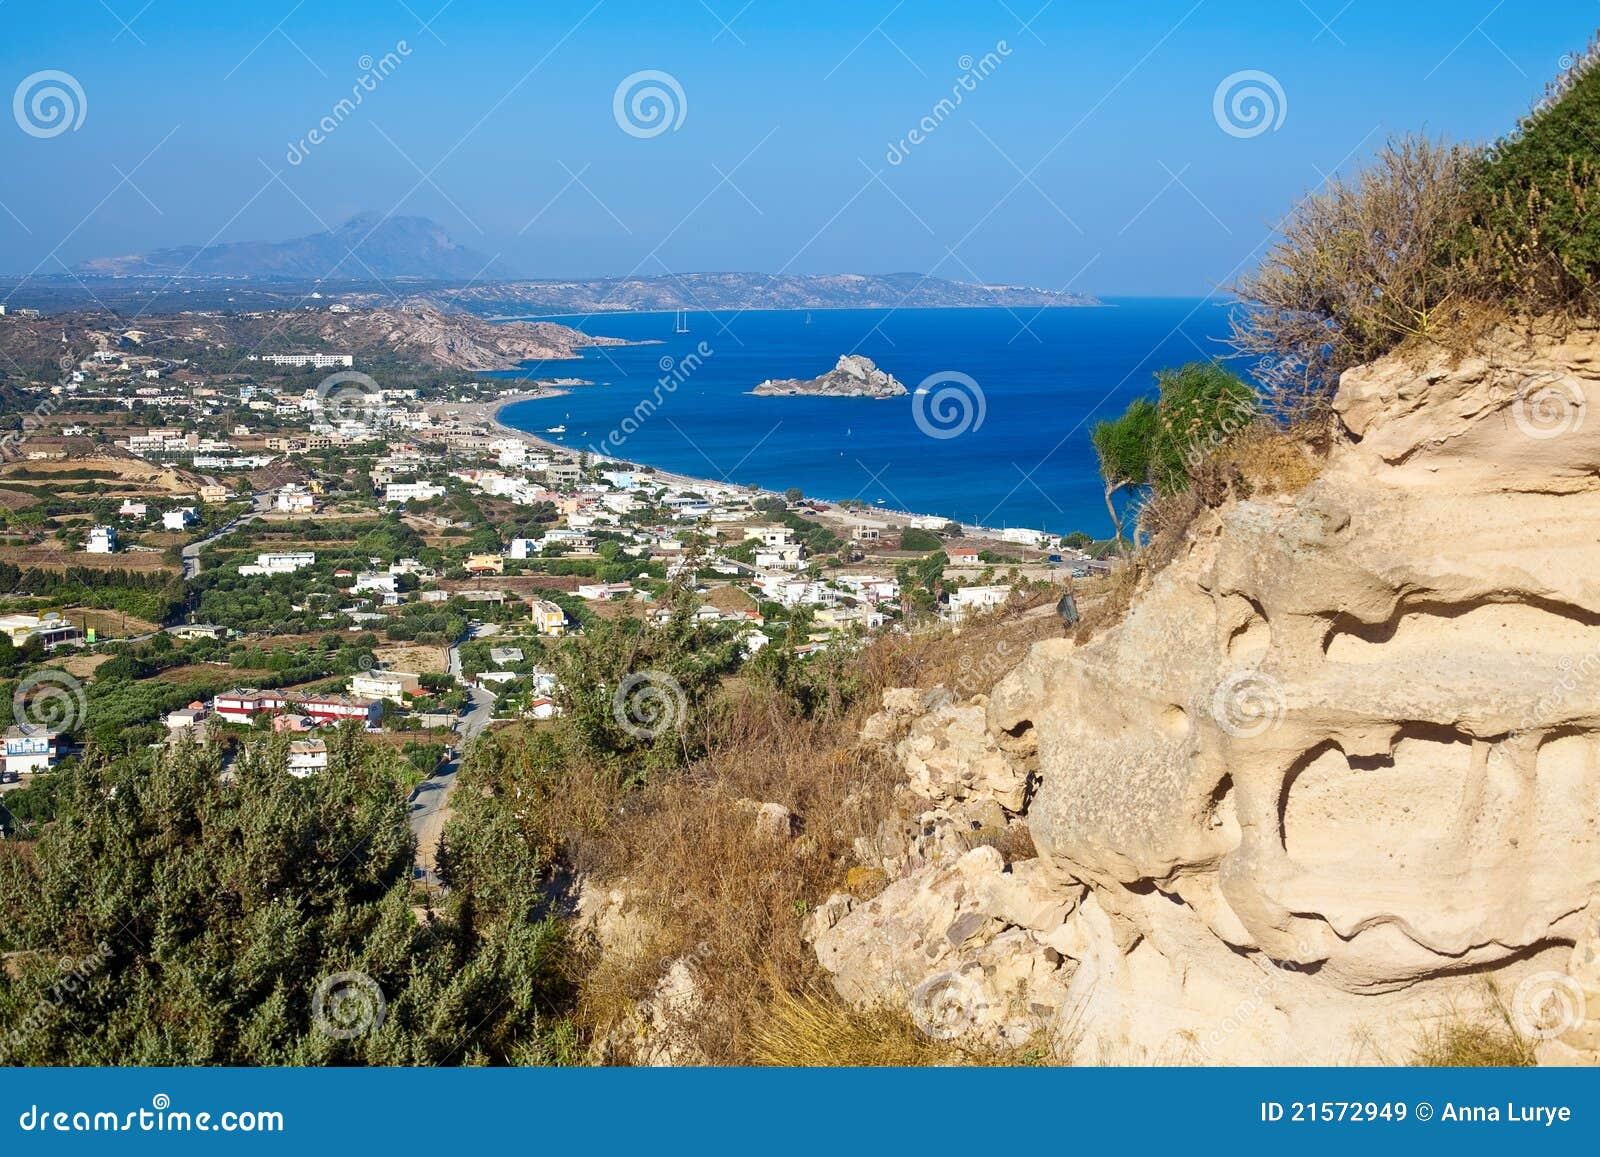 De baai van kamari op eiland kos stock afbeelding afbeelding 21572949 - Planter uitzicht op de baai ...